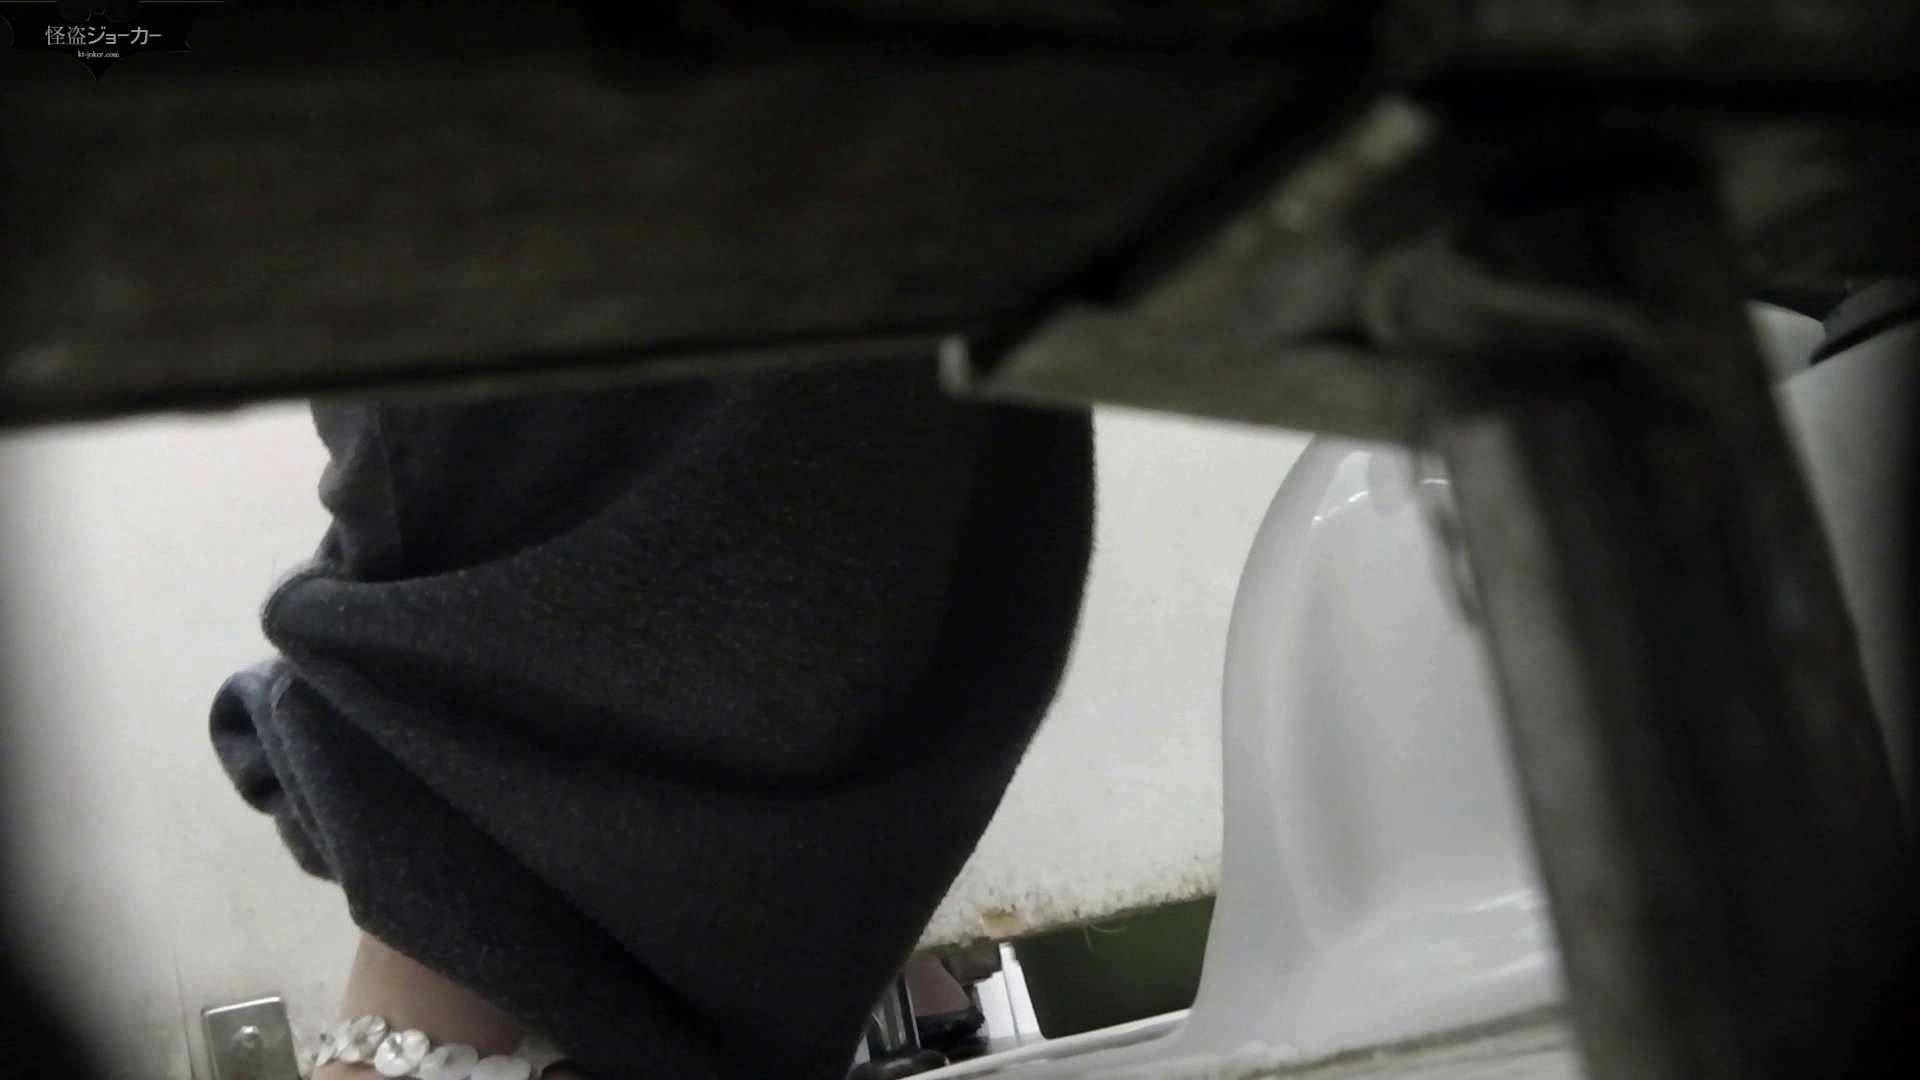 【美しき個室な世界】洗面所特攻隊 vol.051 洗面所着替え   OL  61連発 32